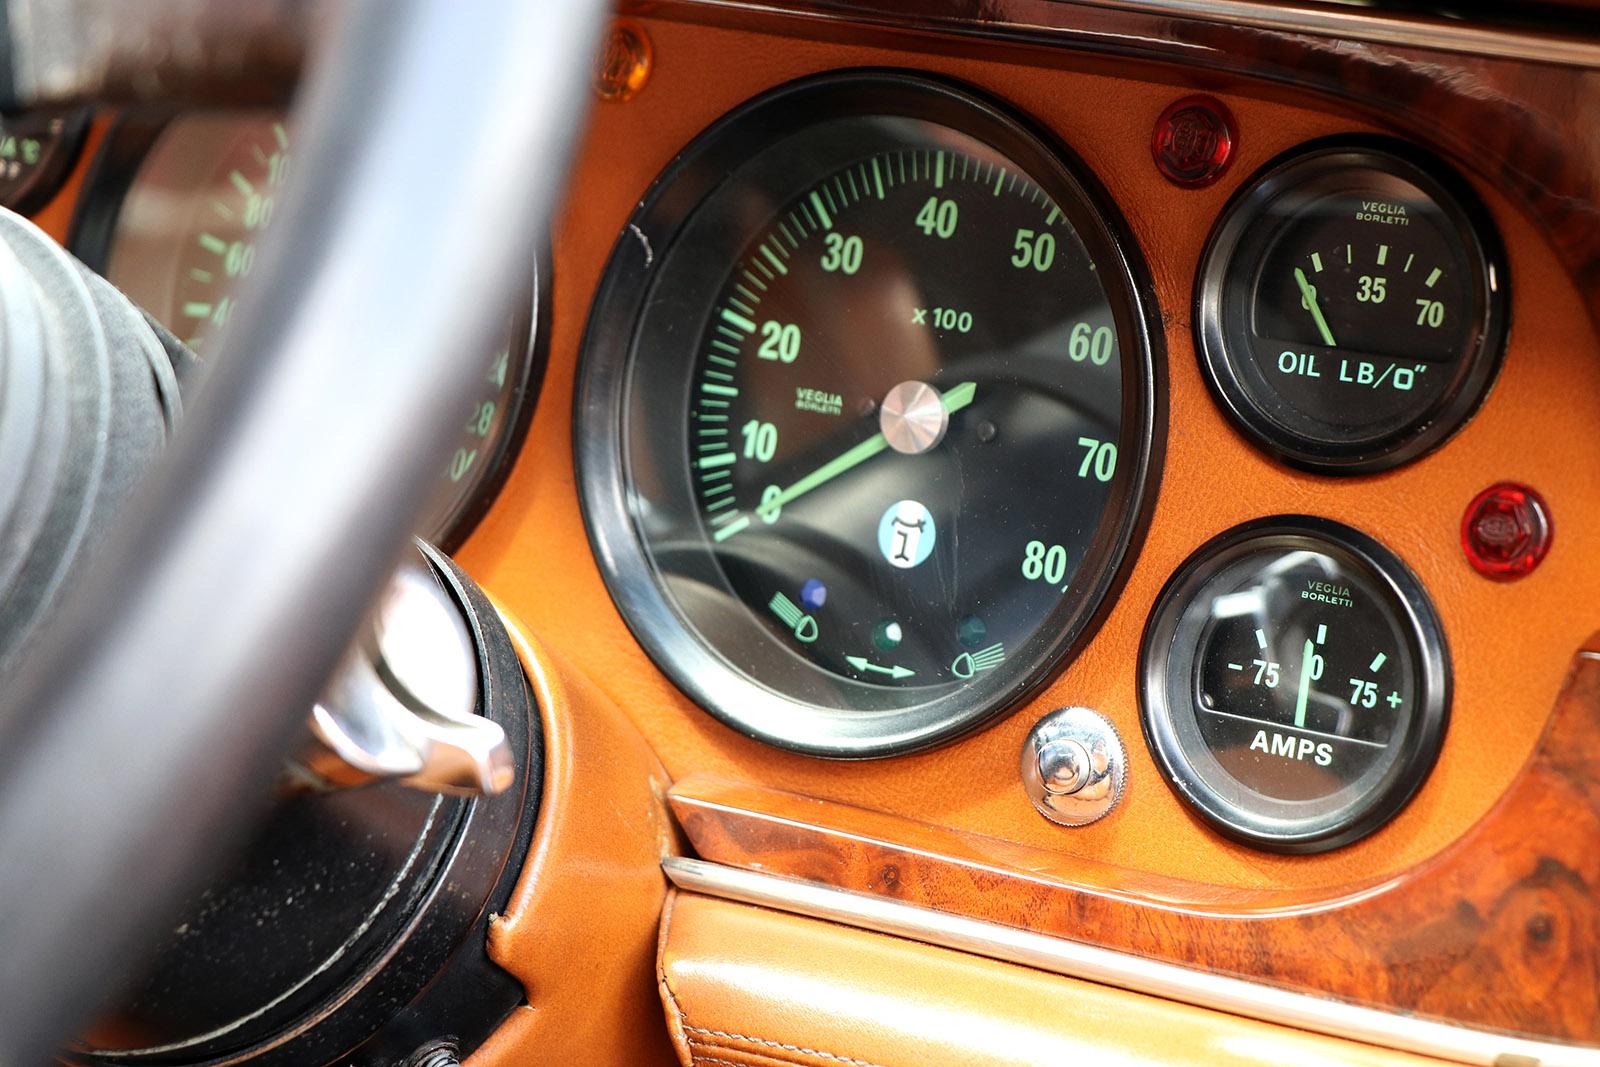 1982 series 2 burgundy deauville dashboard dials.jpg